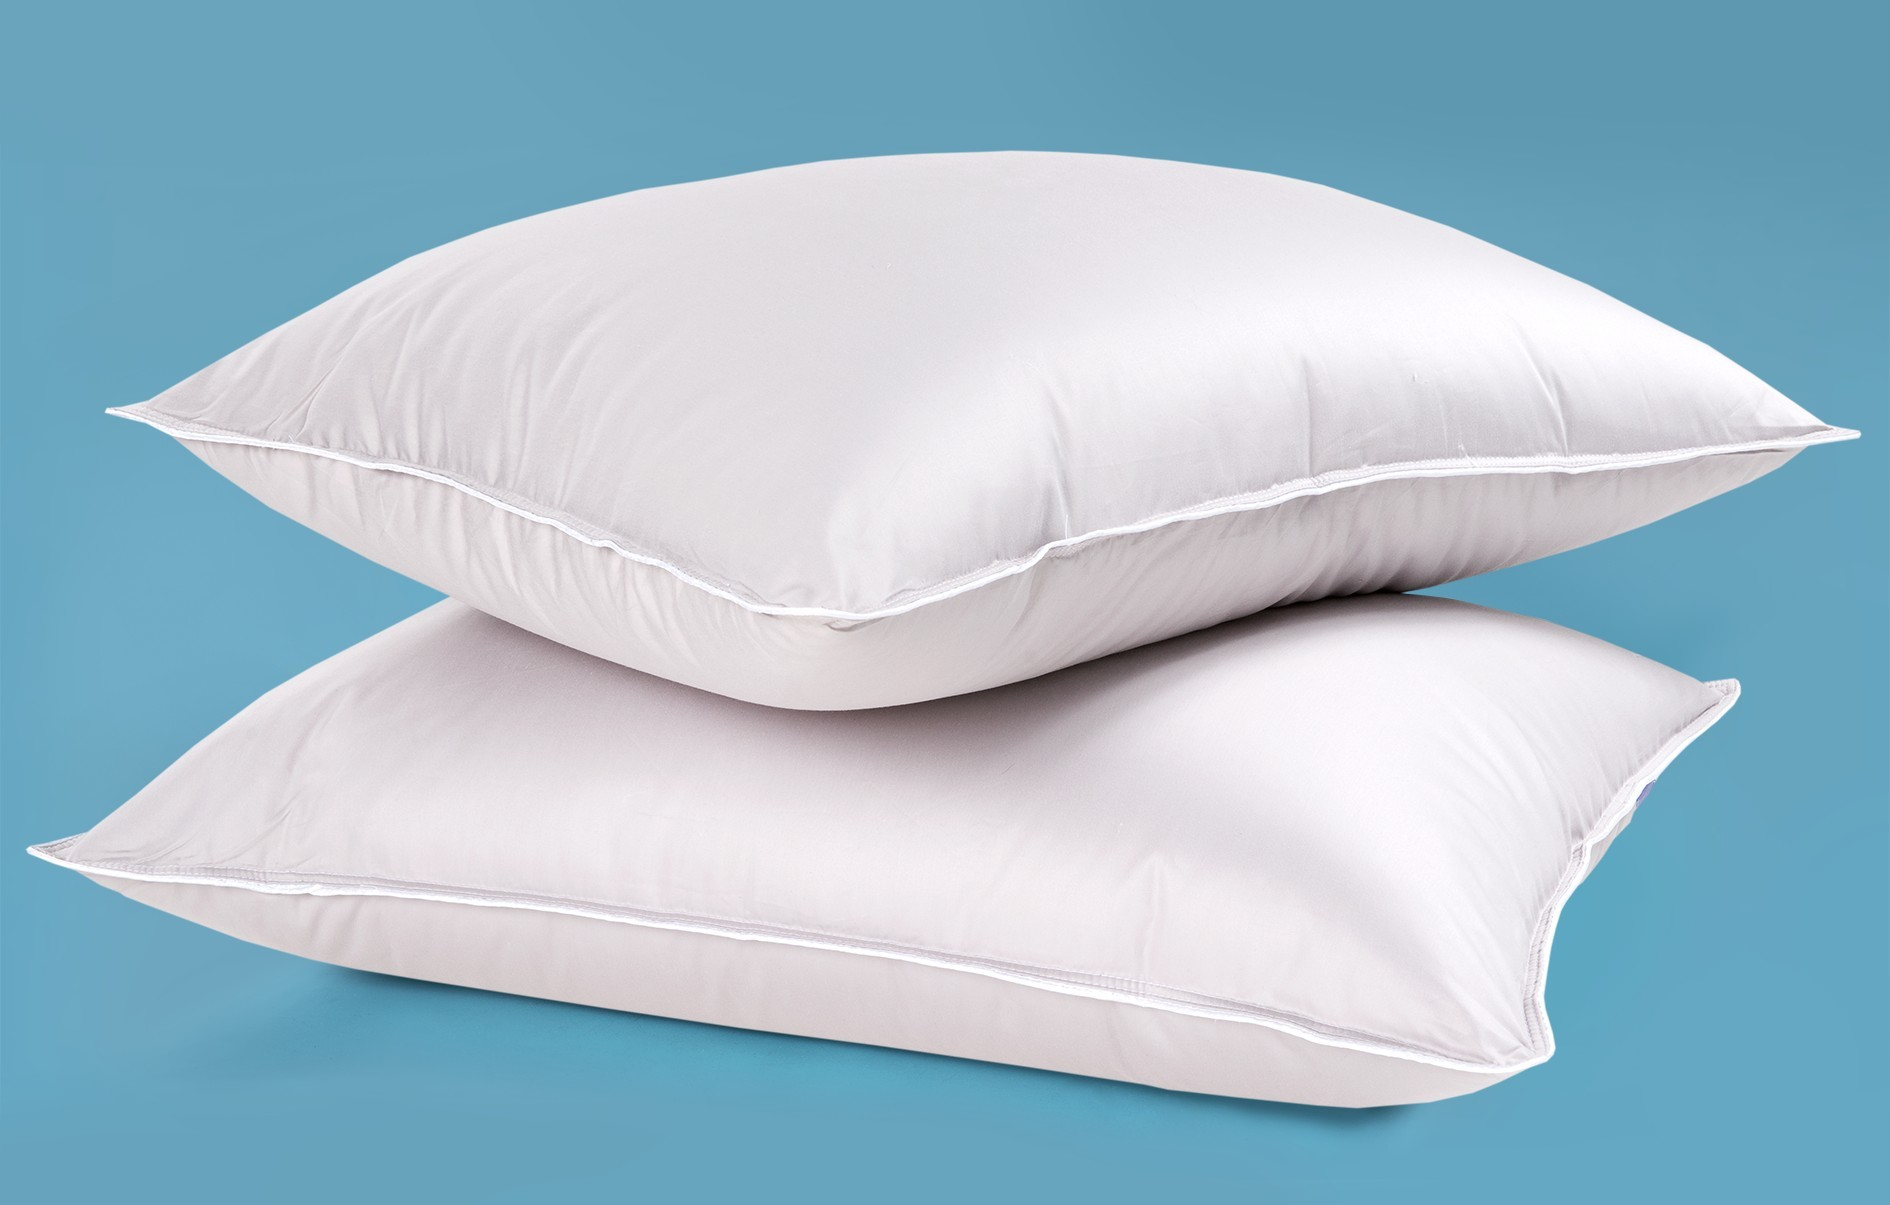 Силиконизированное волокно в подушках и одеялах: плюсы и минусы наполнителя